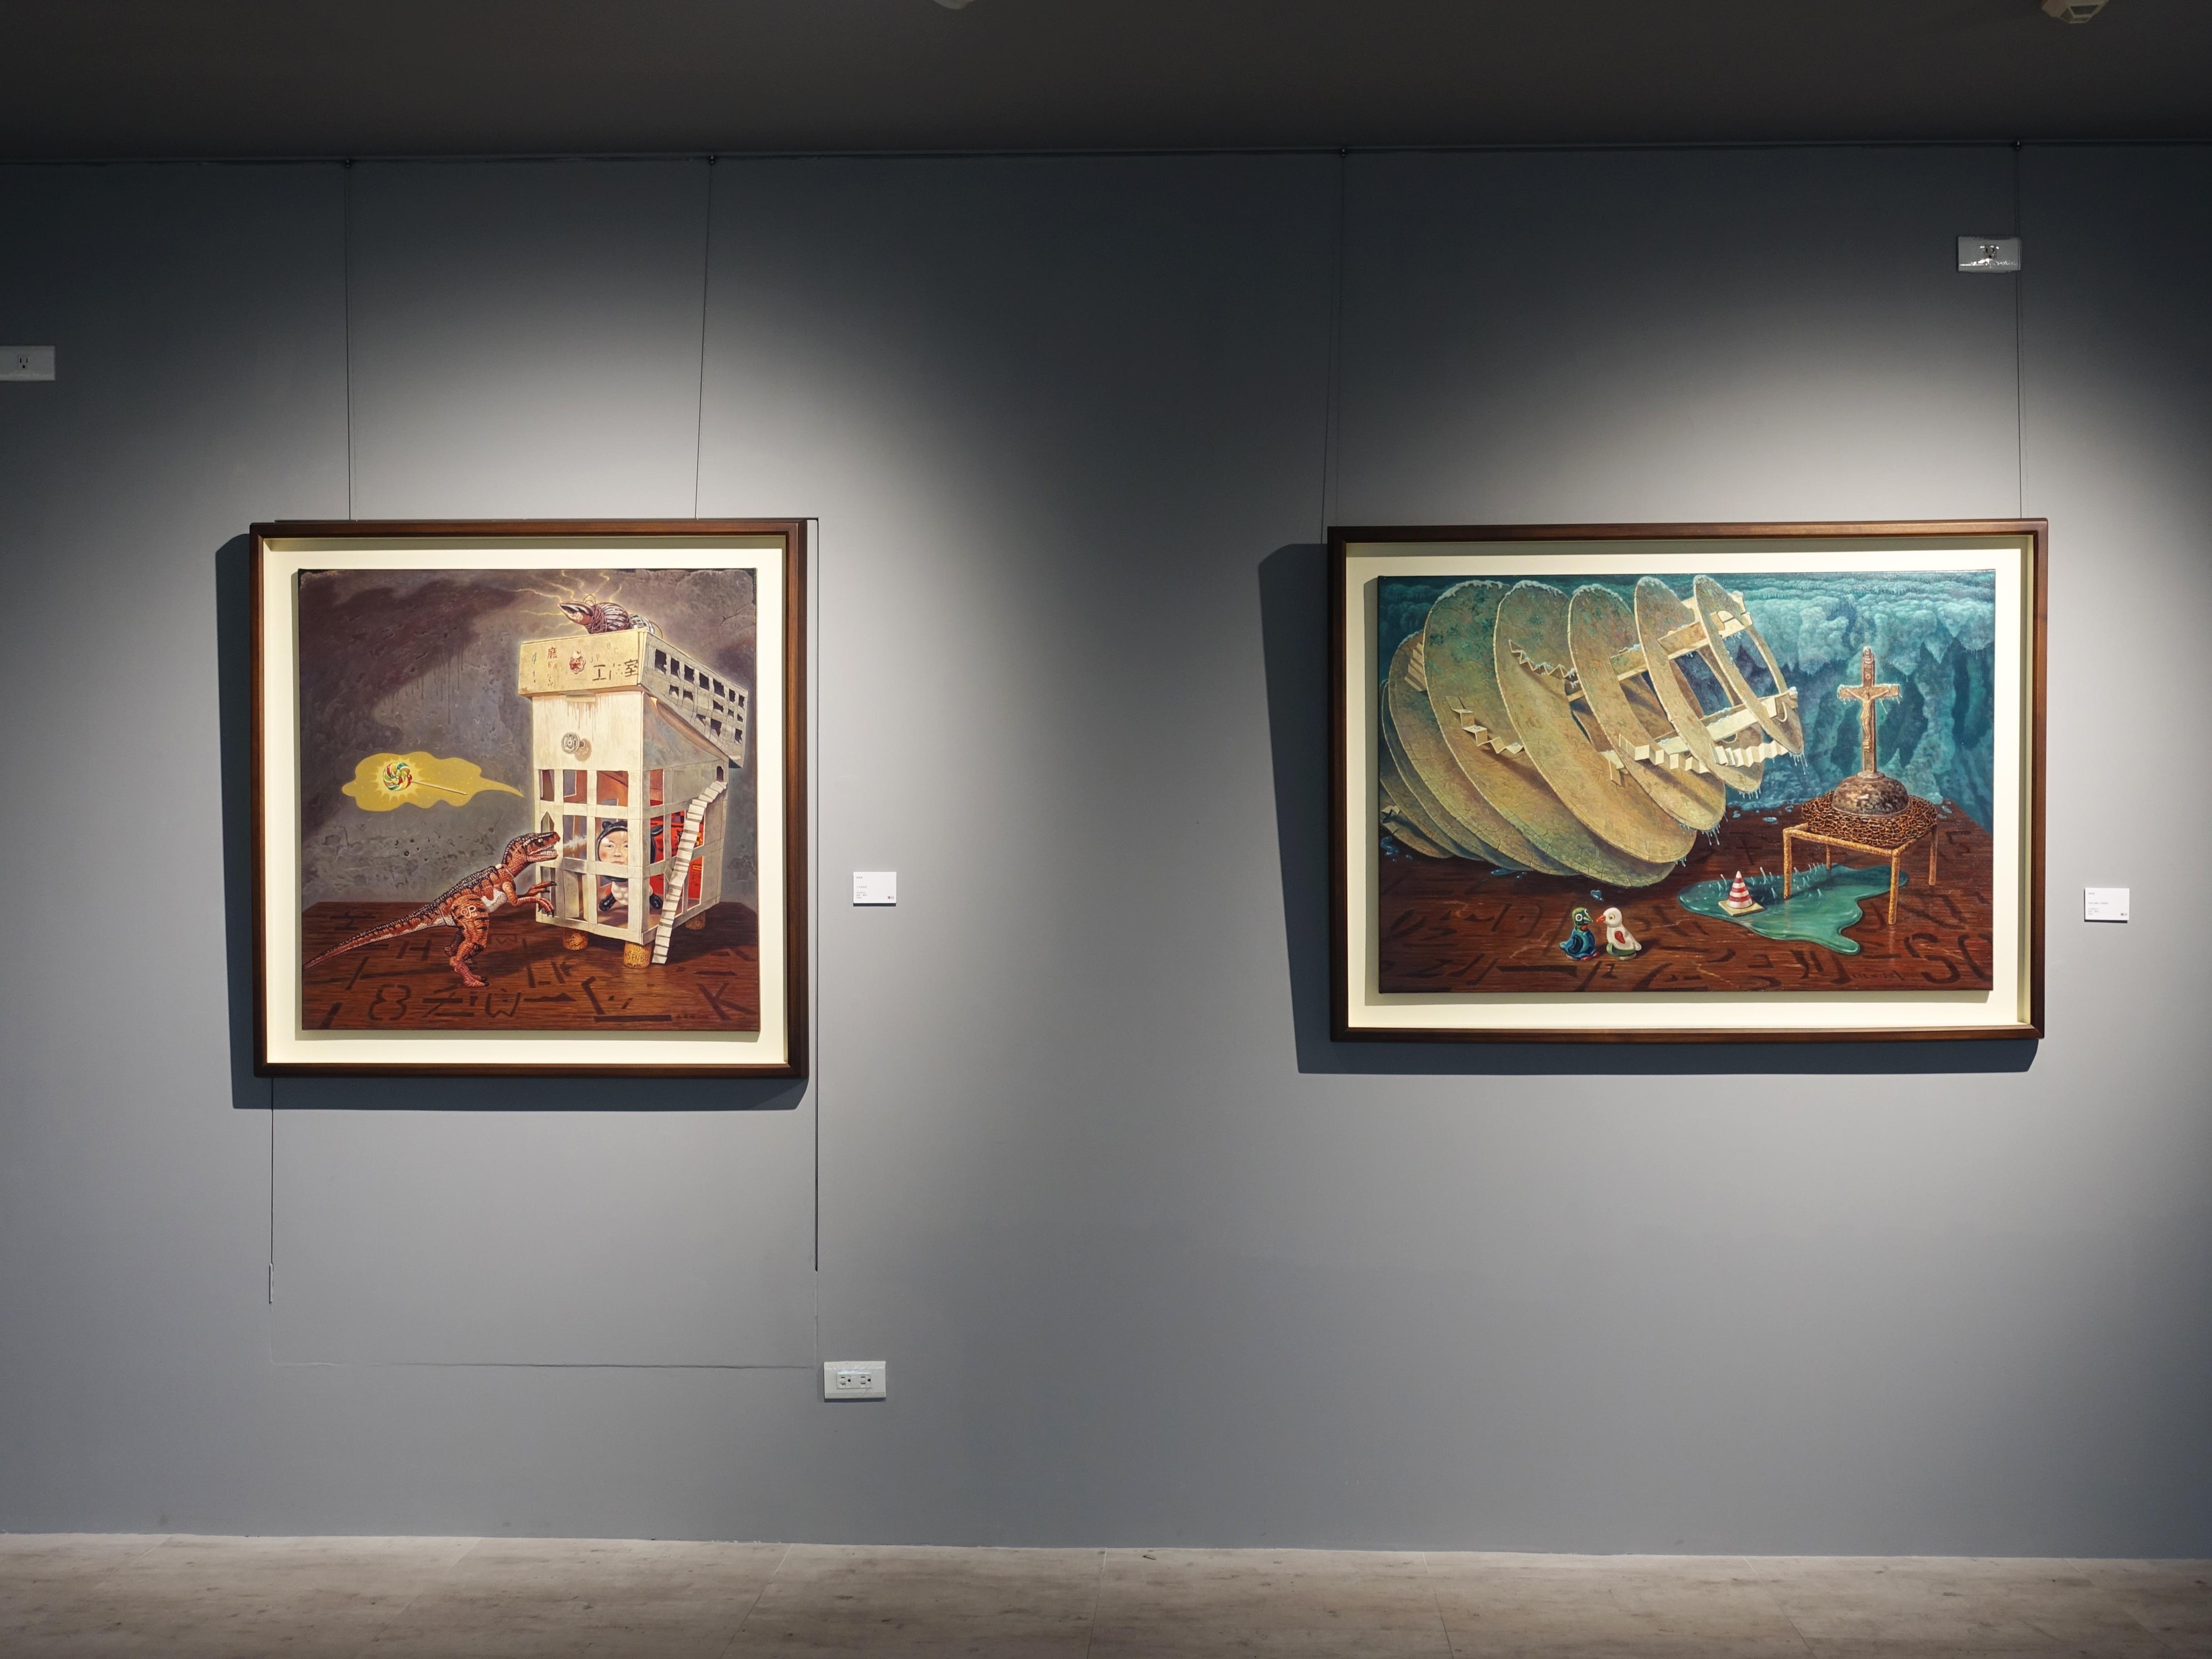 宛儒畫廊展出藝術家連建興油畫系列作品。